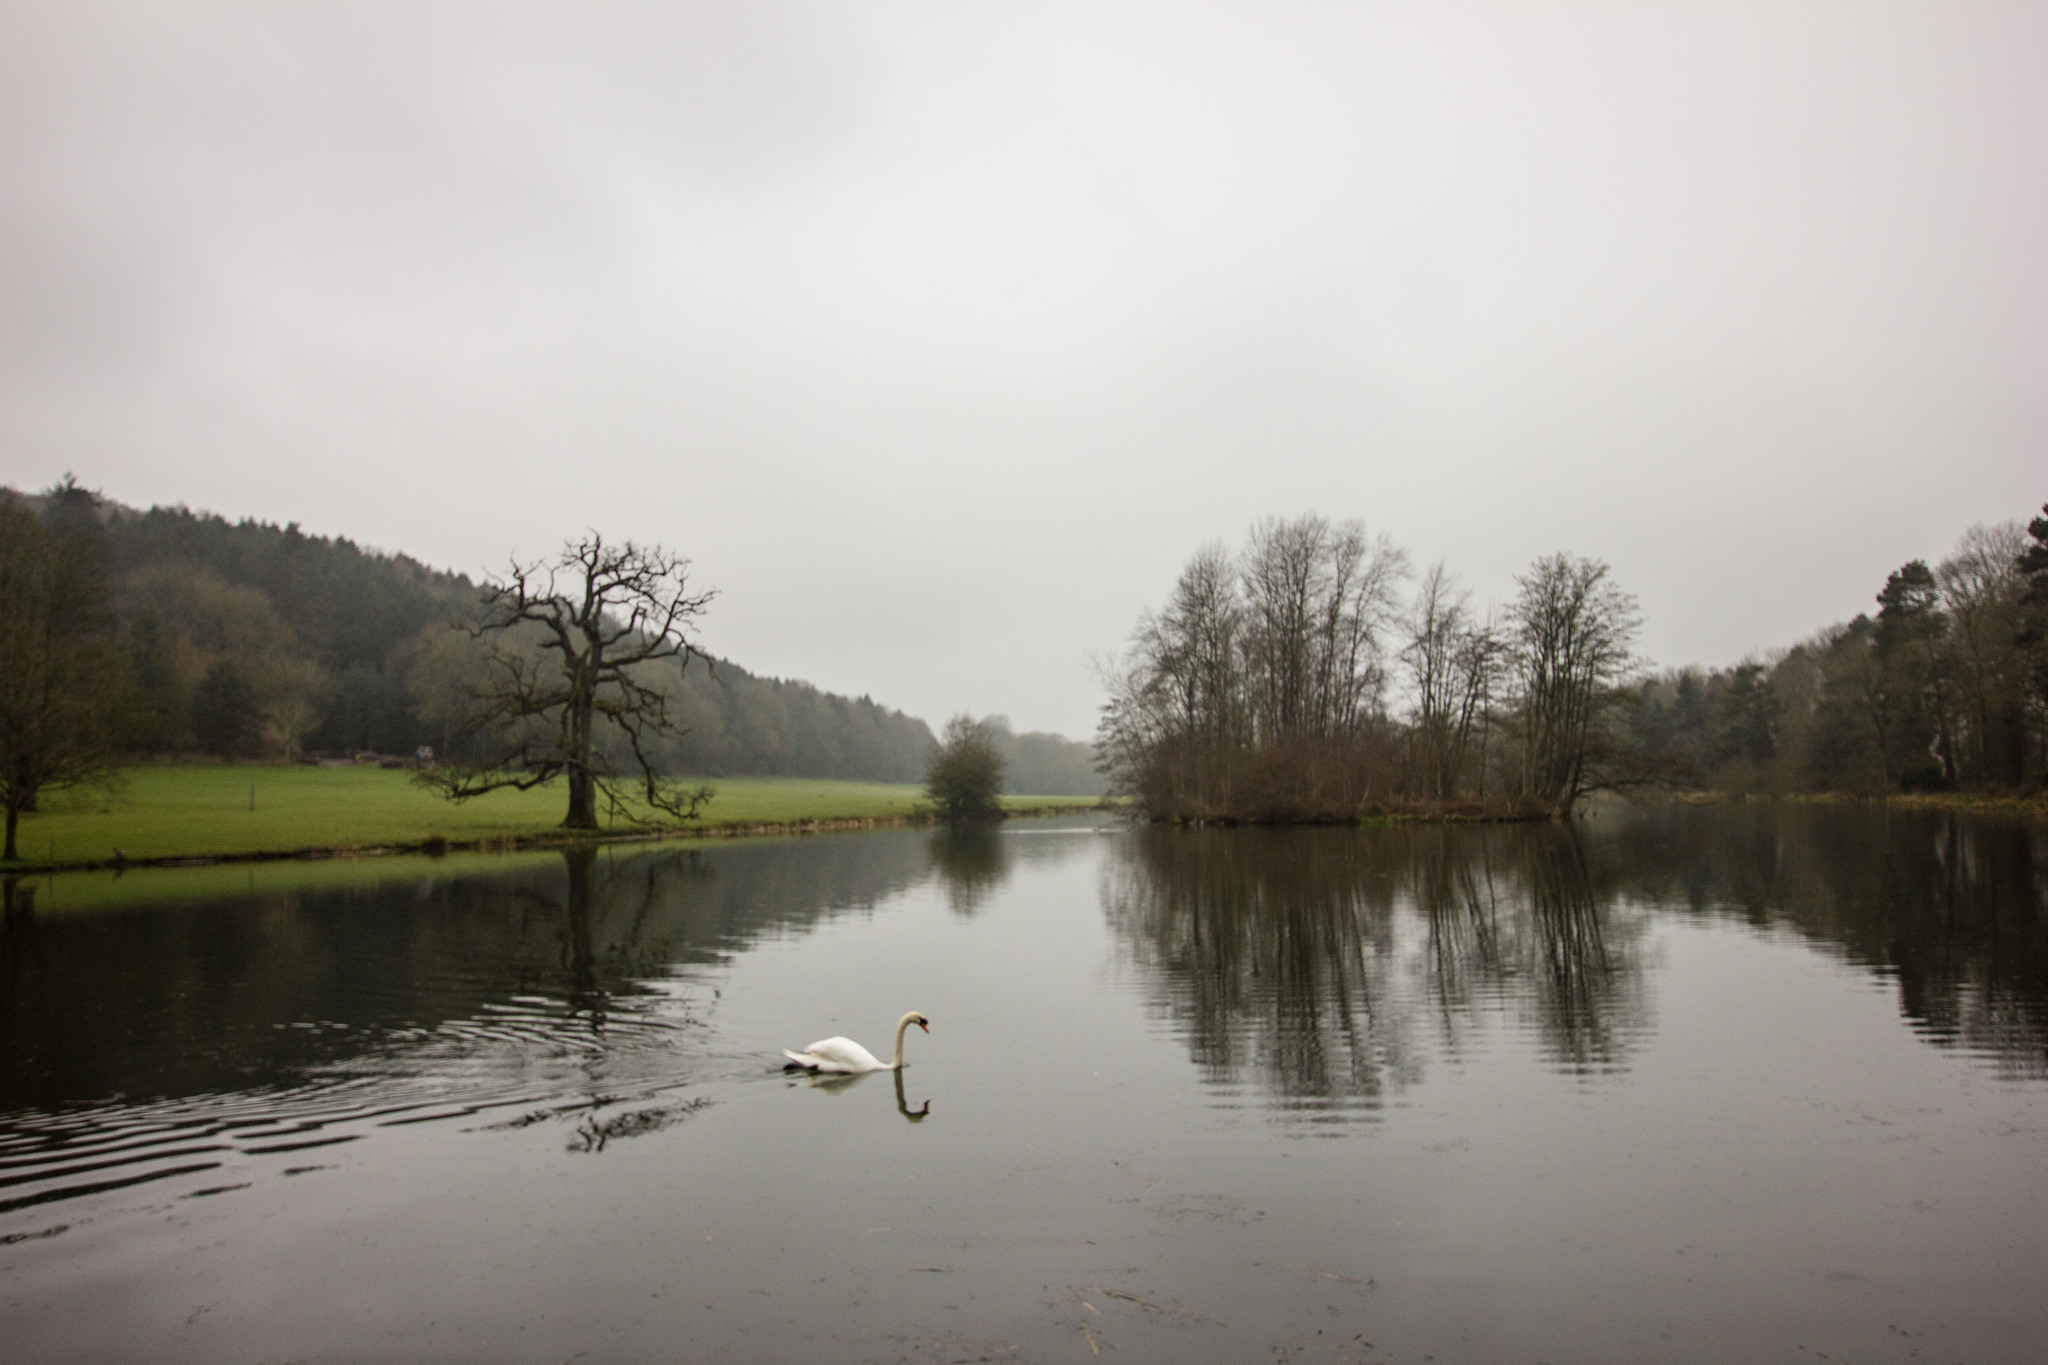 Lone Swan on lake at Walcot Hall Shropshire April Wedding Day